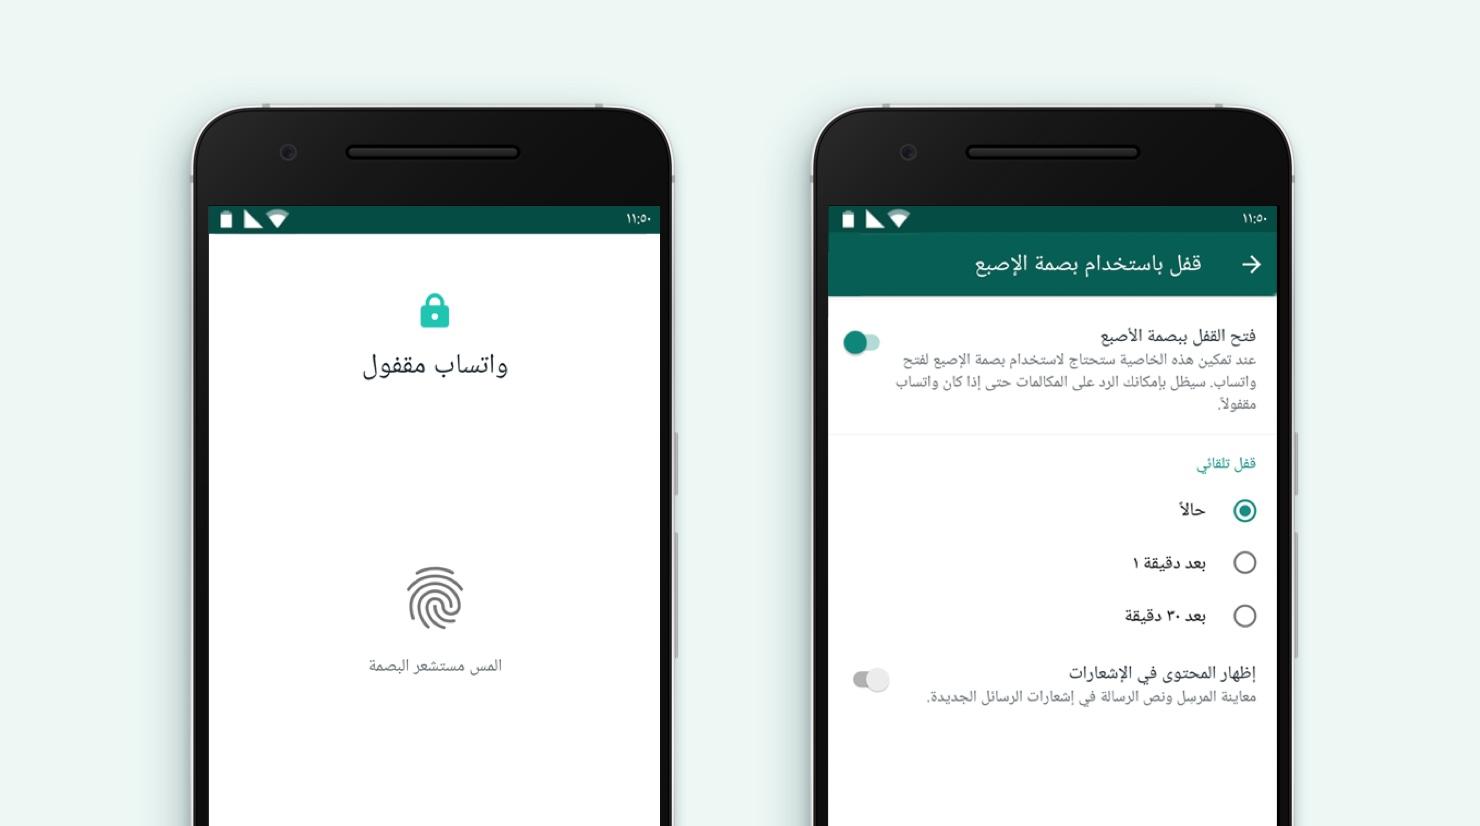 ميزة غلق تطبيق واتس آب ببصمة الاصبع تصل لجميع مستخدمي الاندرويد